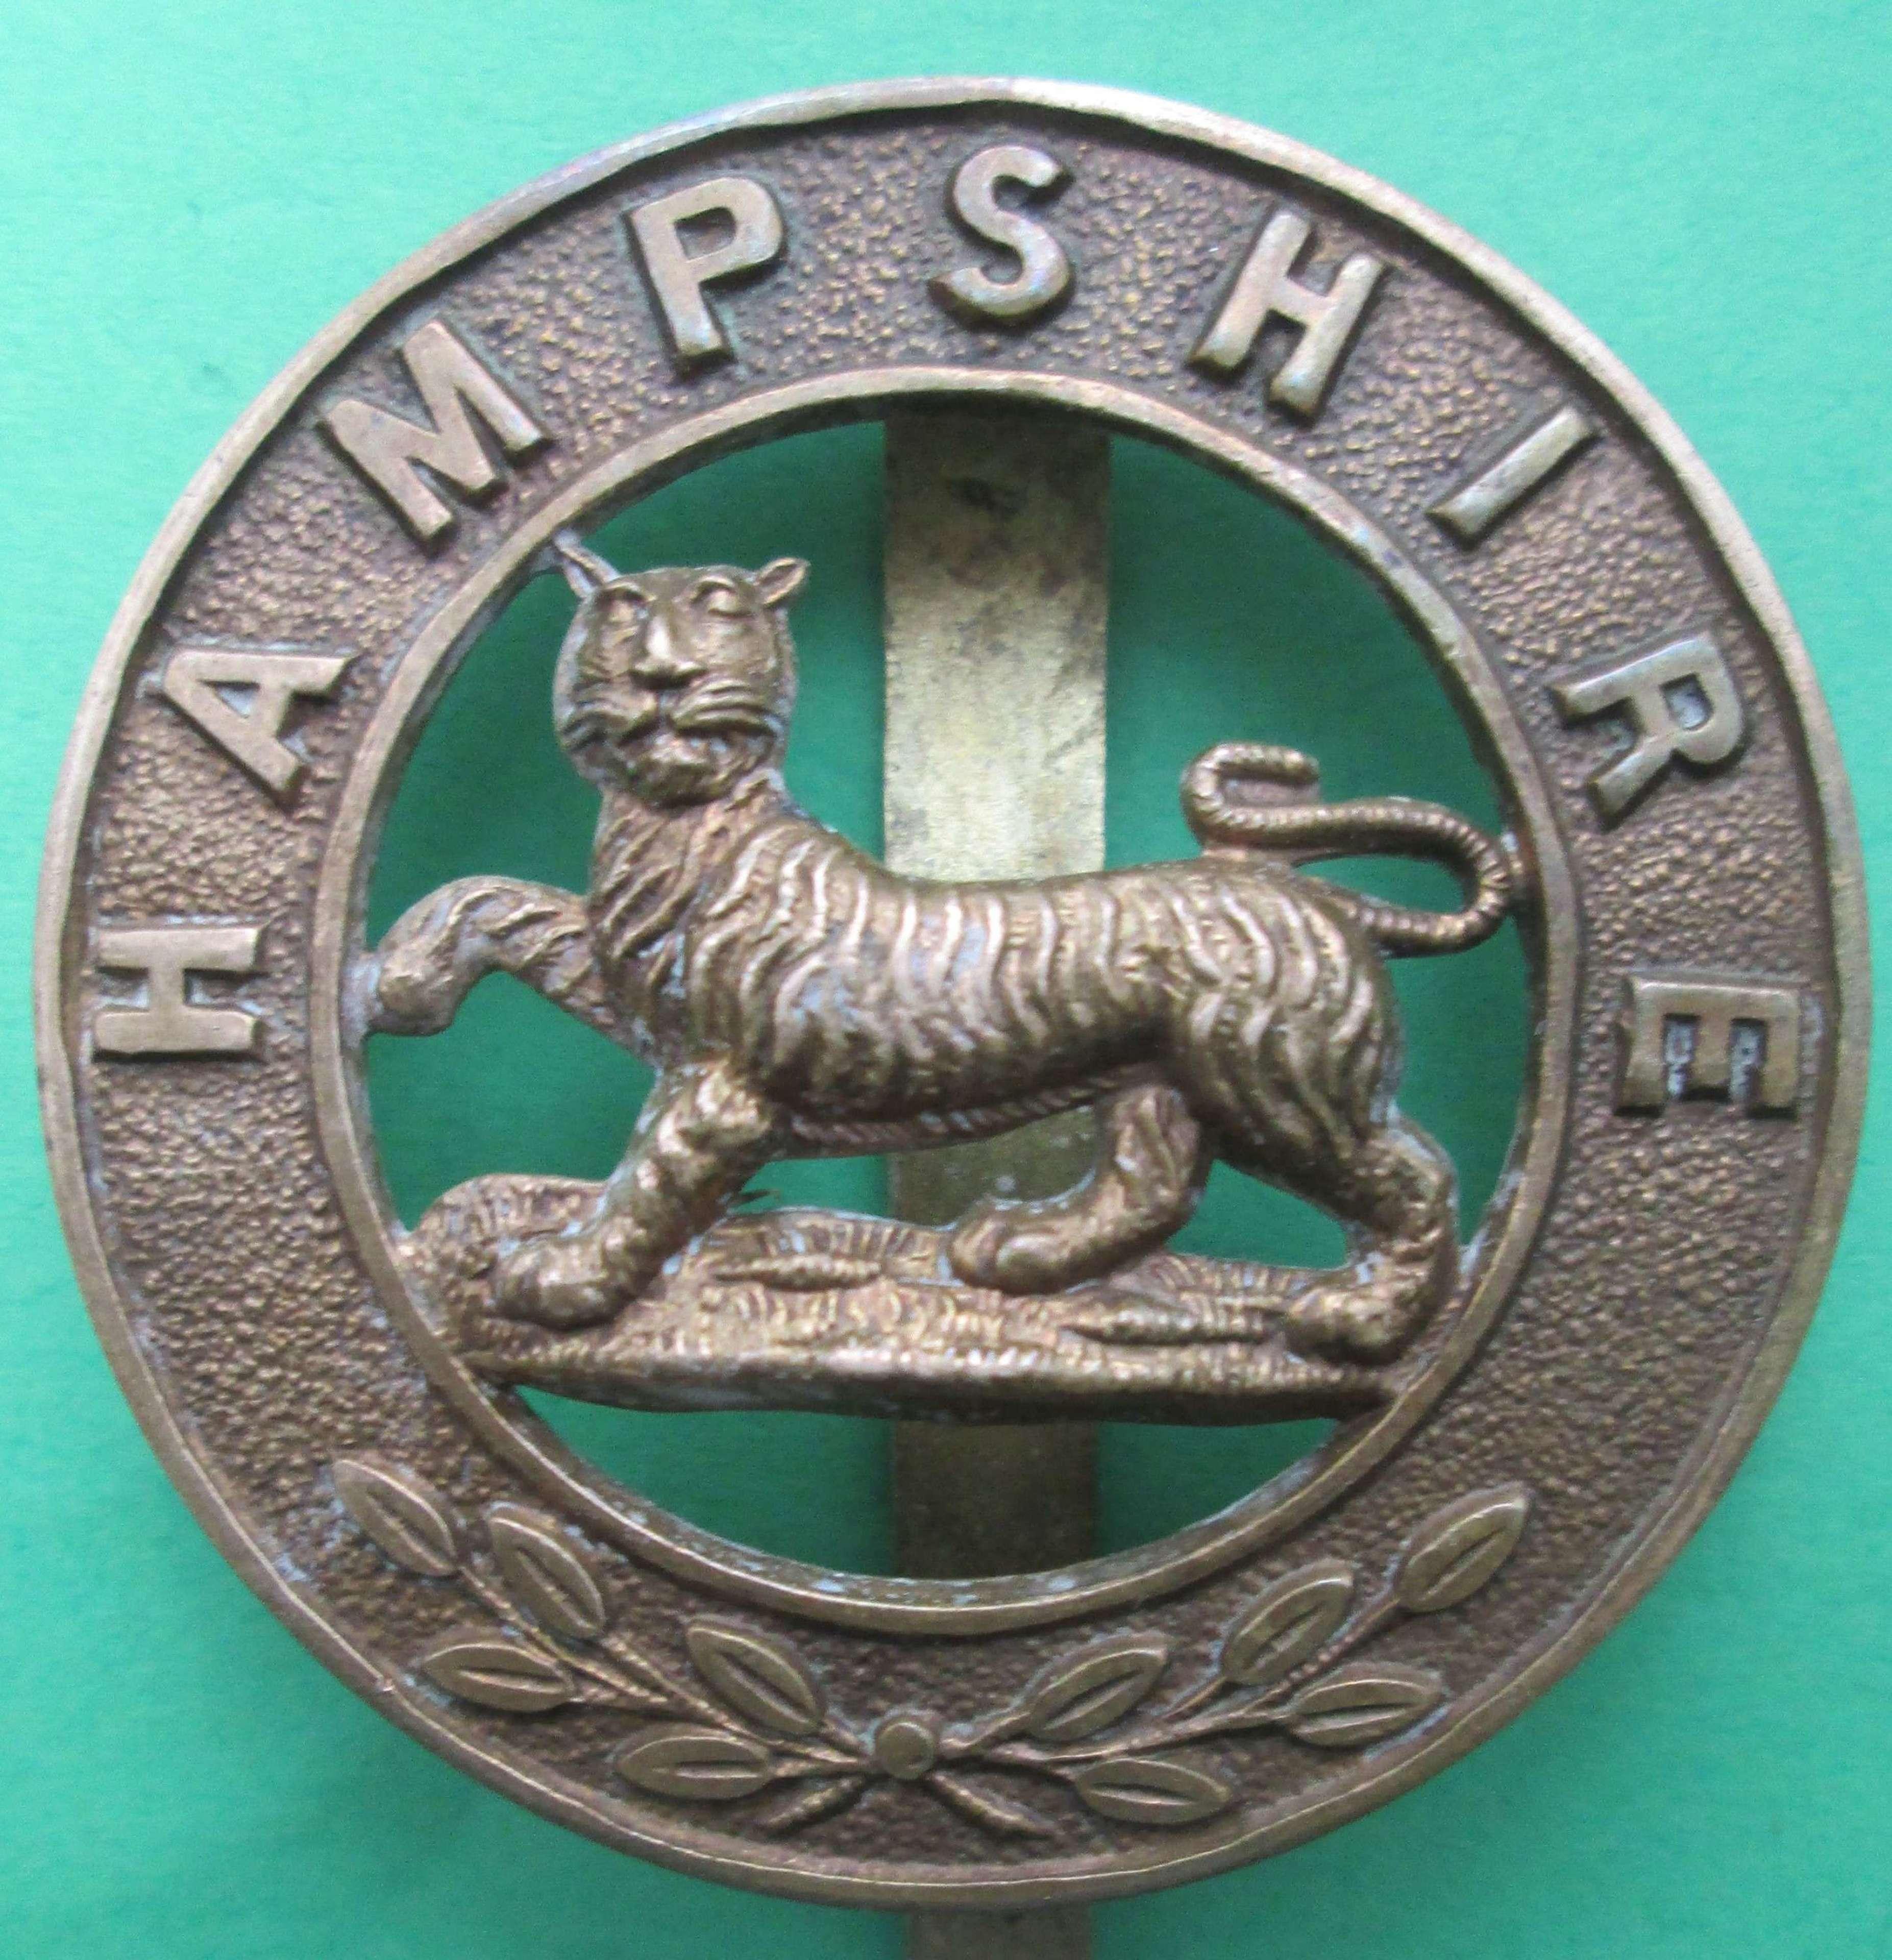 A HAMPSHIRE REGIMENT HELMET CENTRE CAP BADGE